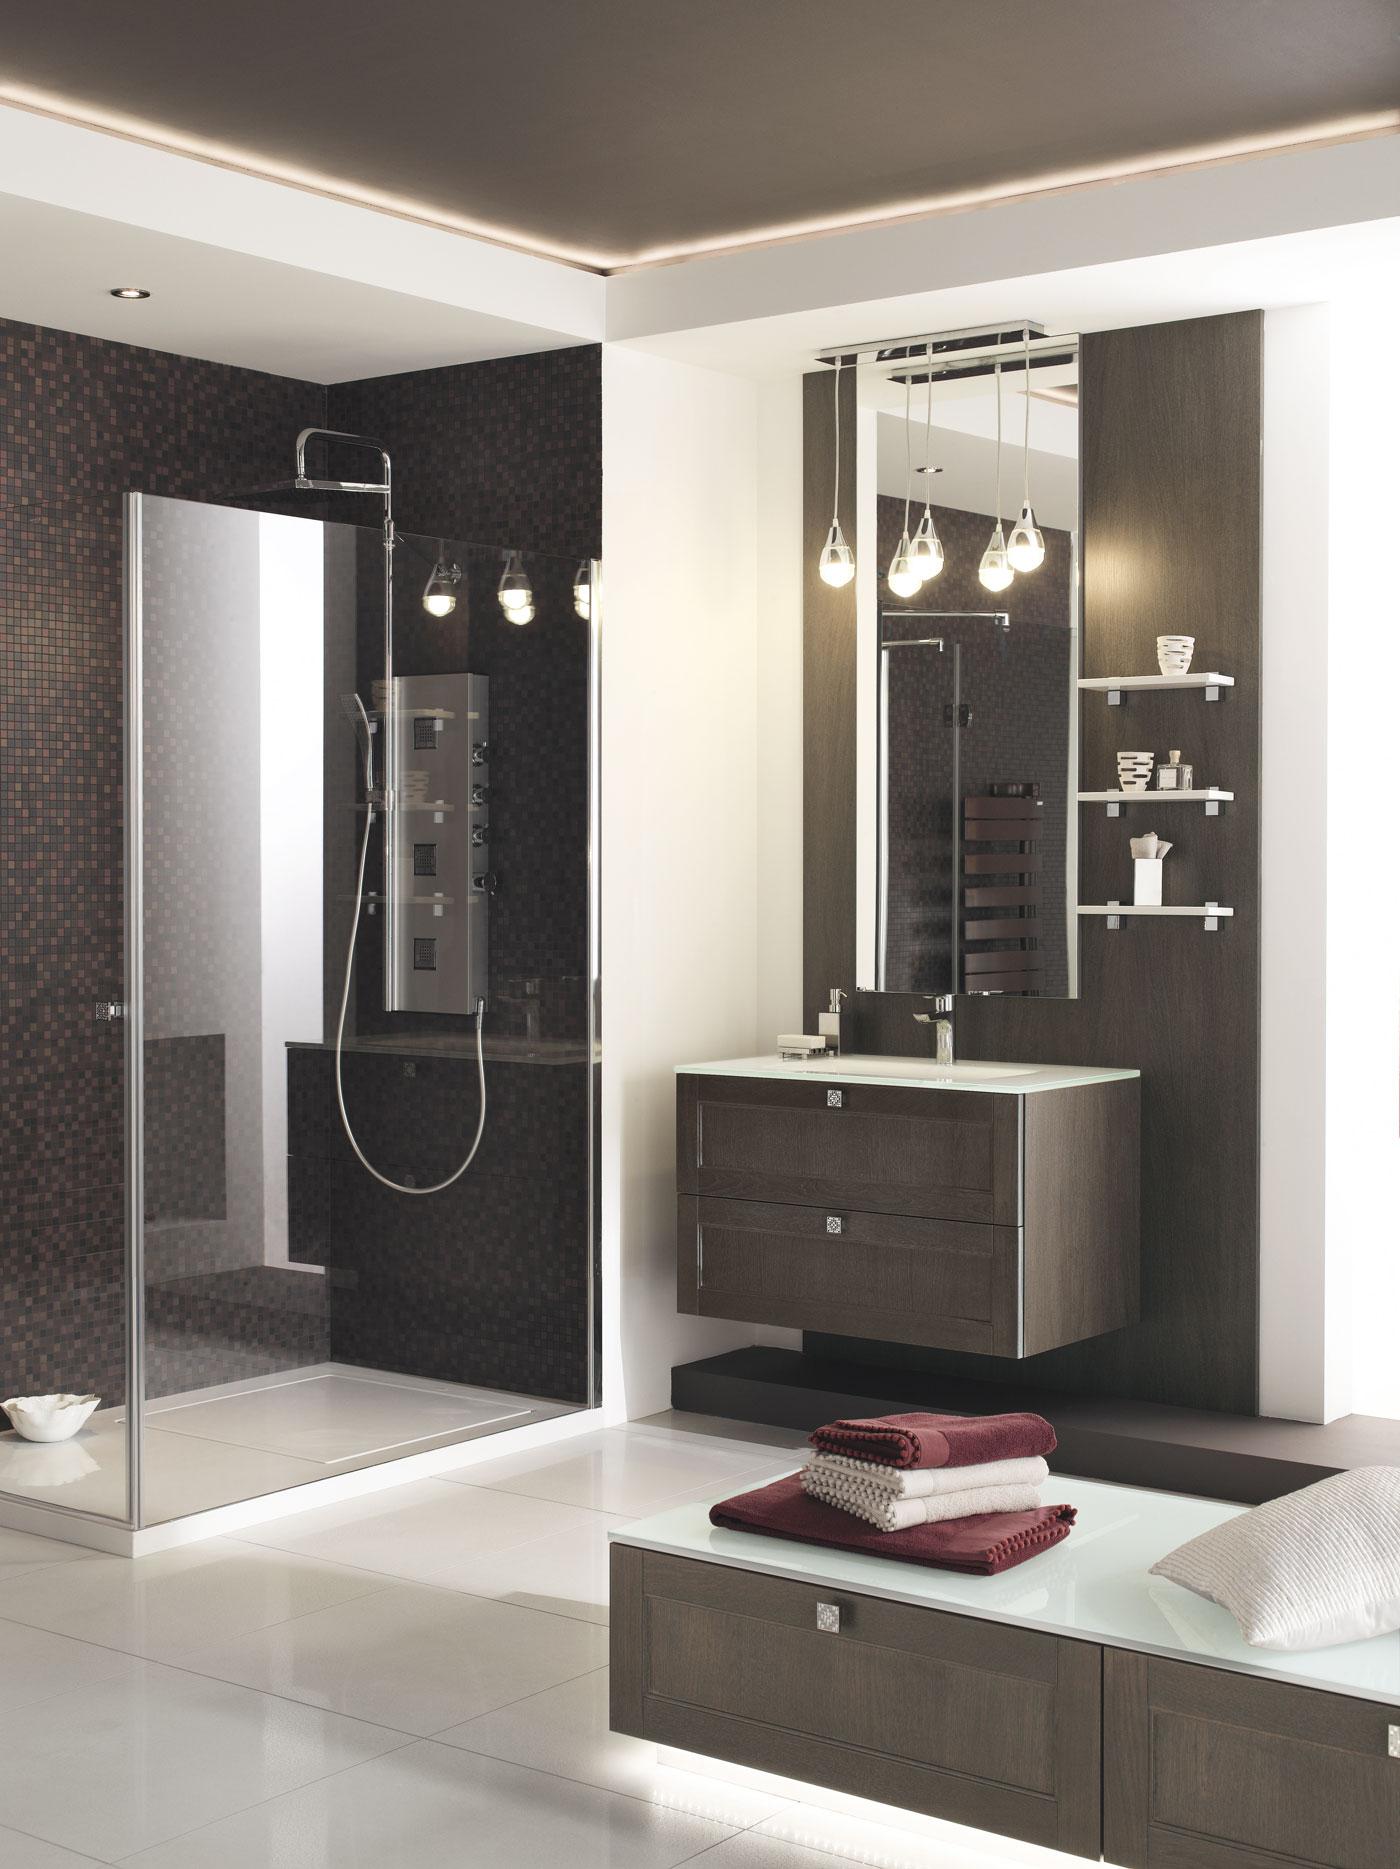 Salle de bain madi ch ne angelim brun perene lyon - Salle de bain brun ...